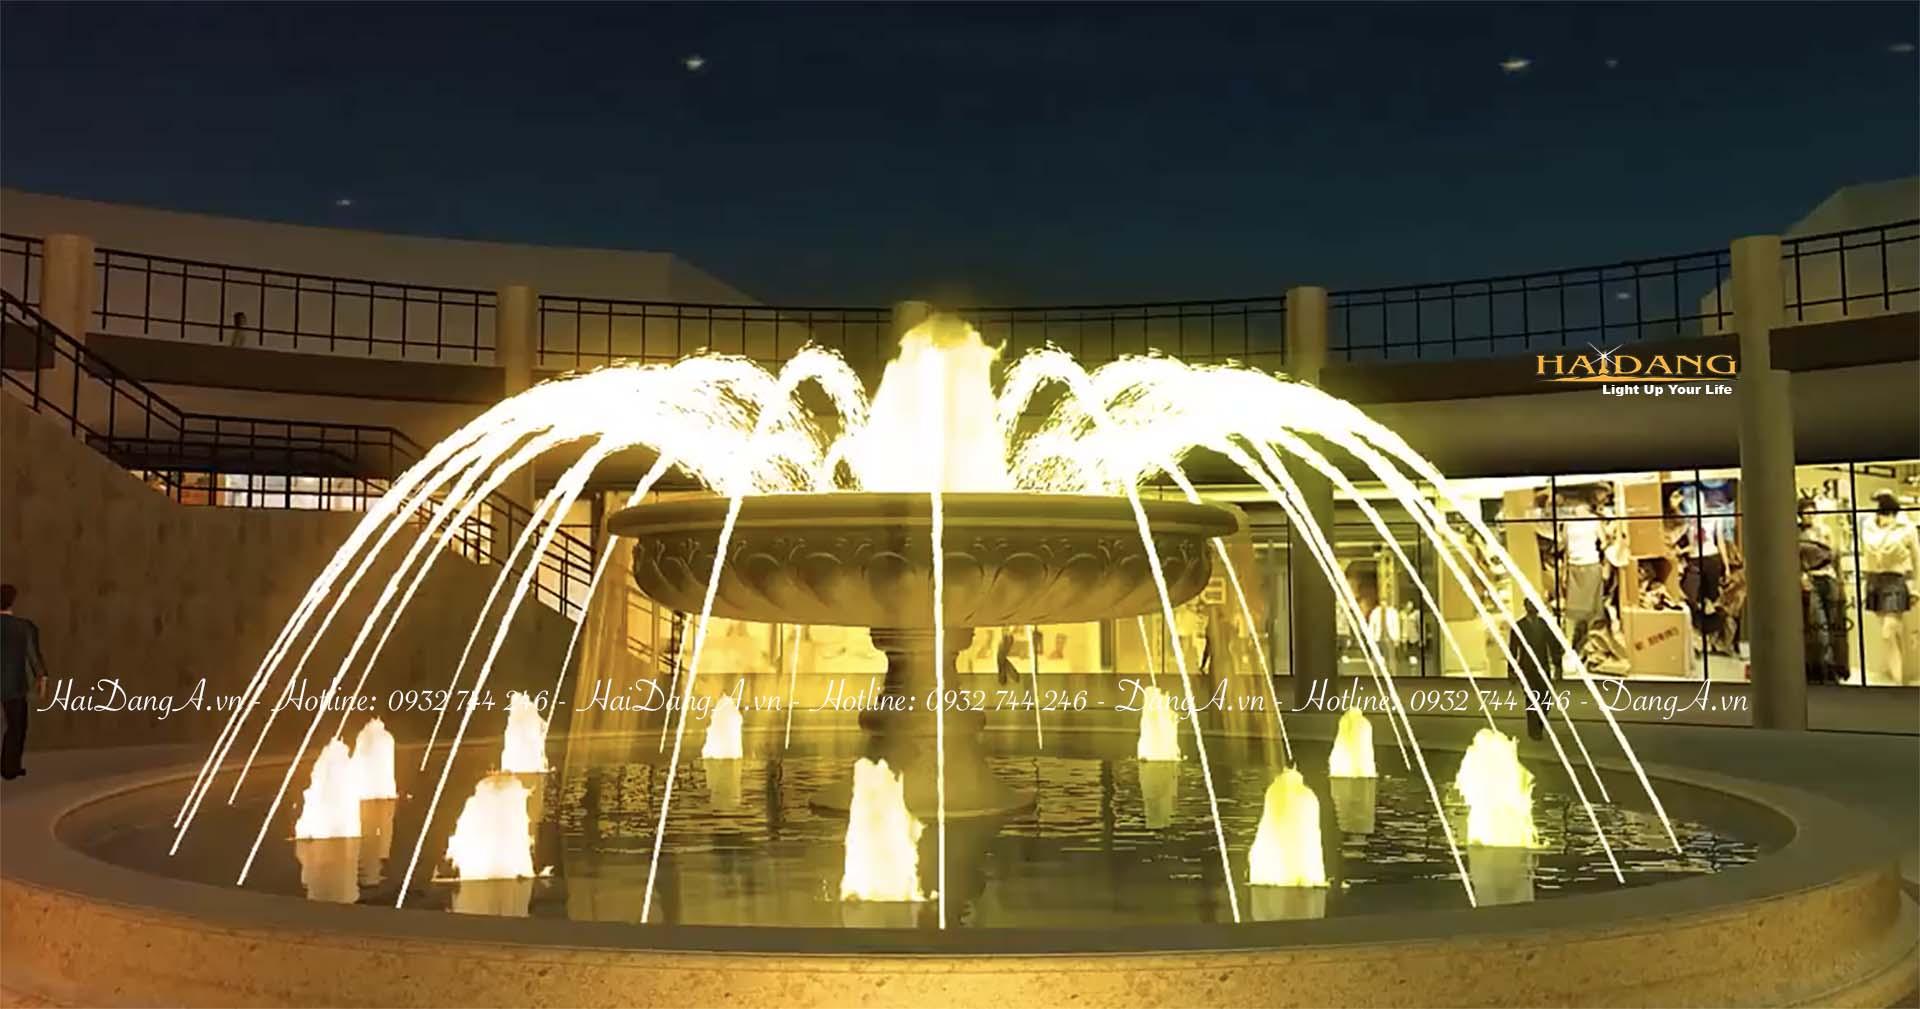 Mẫu đài phun nước tháp tròn tràn với các vòi phun nước